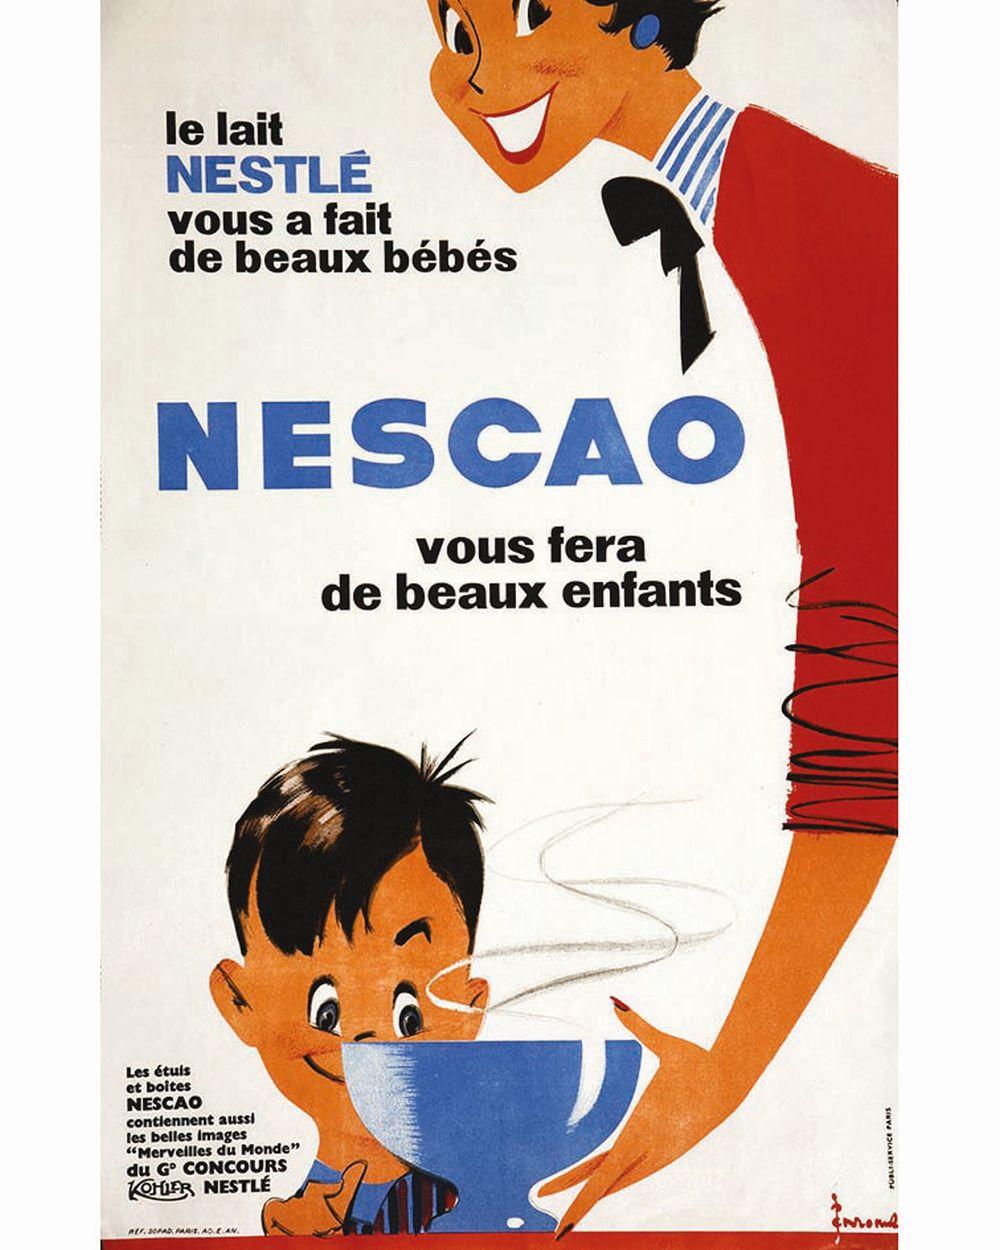 EMROME - Nescao Vous fera de Beaux enfants Le lait Nestlé vous a fait de Beaux Bébés     vers 1960